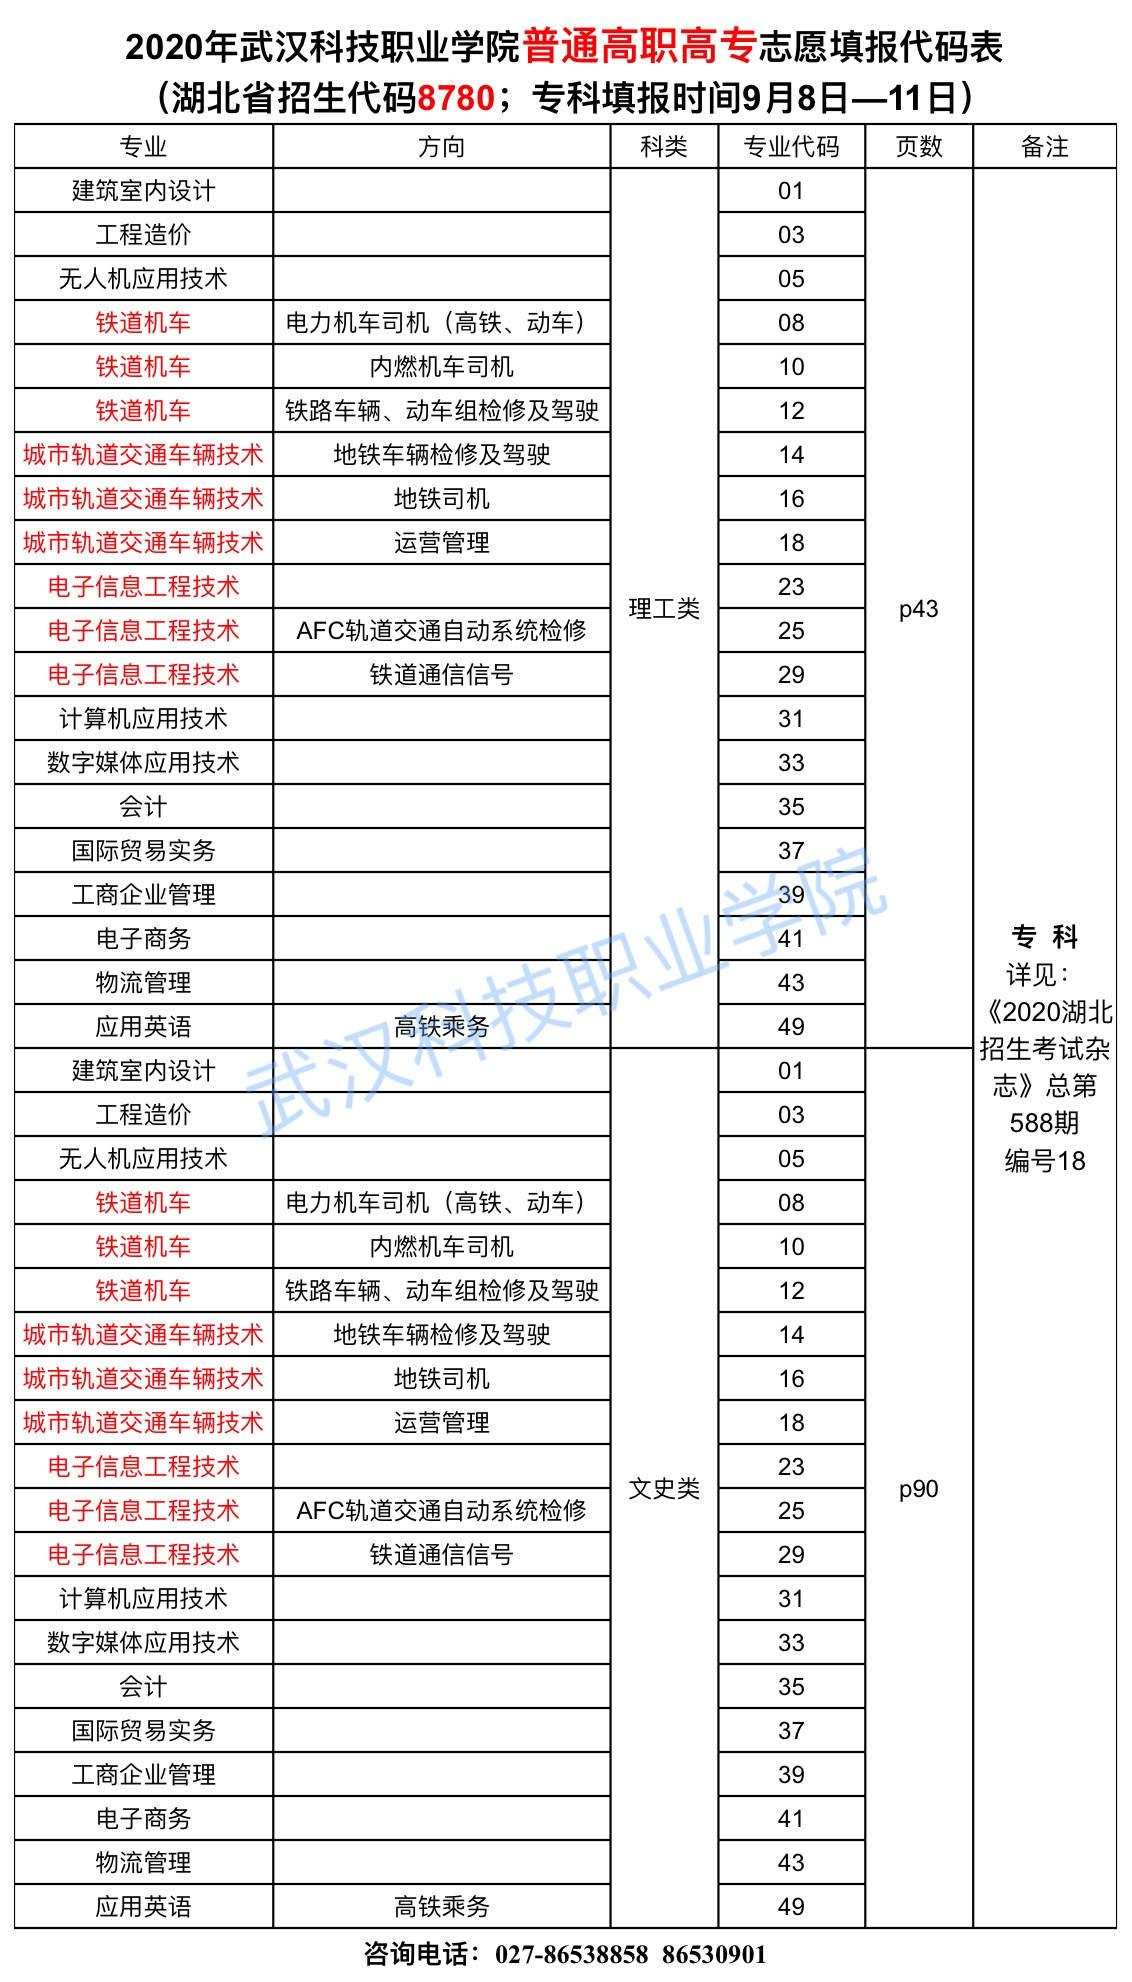 2020年武汉科技职业学院志愿填报代码表